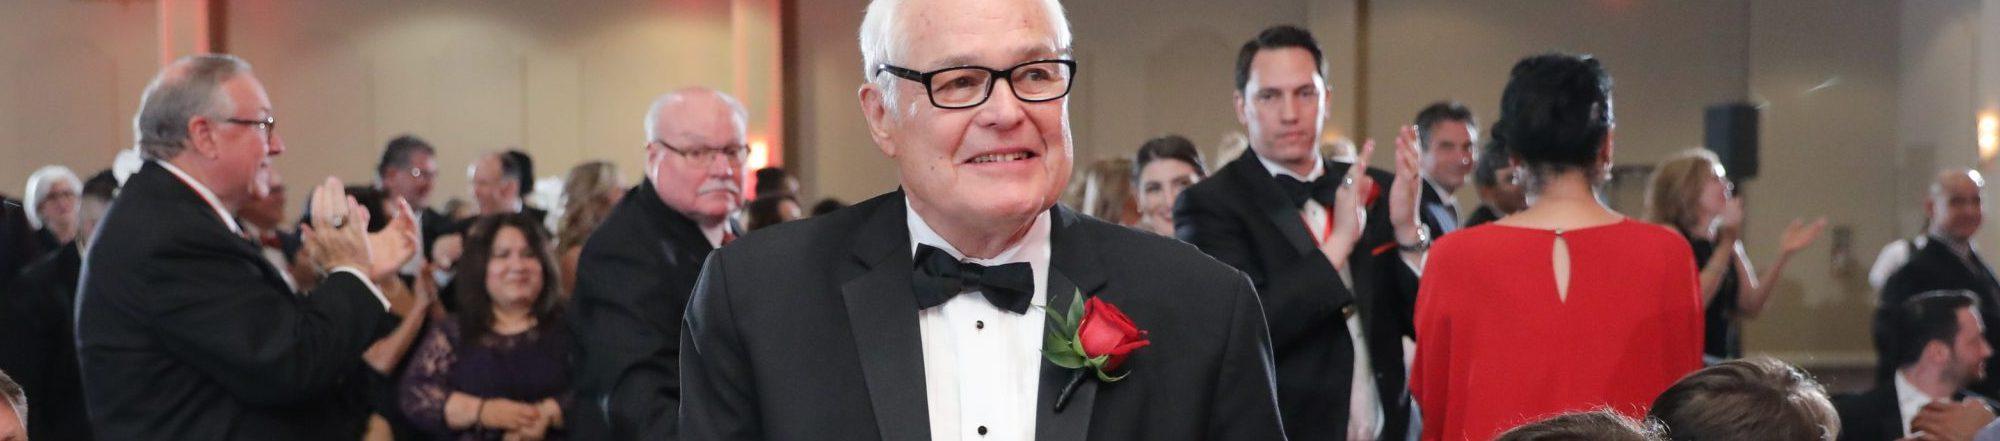 Ted Estess at the UHAA Gala